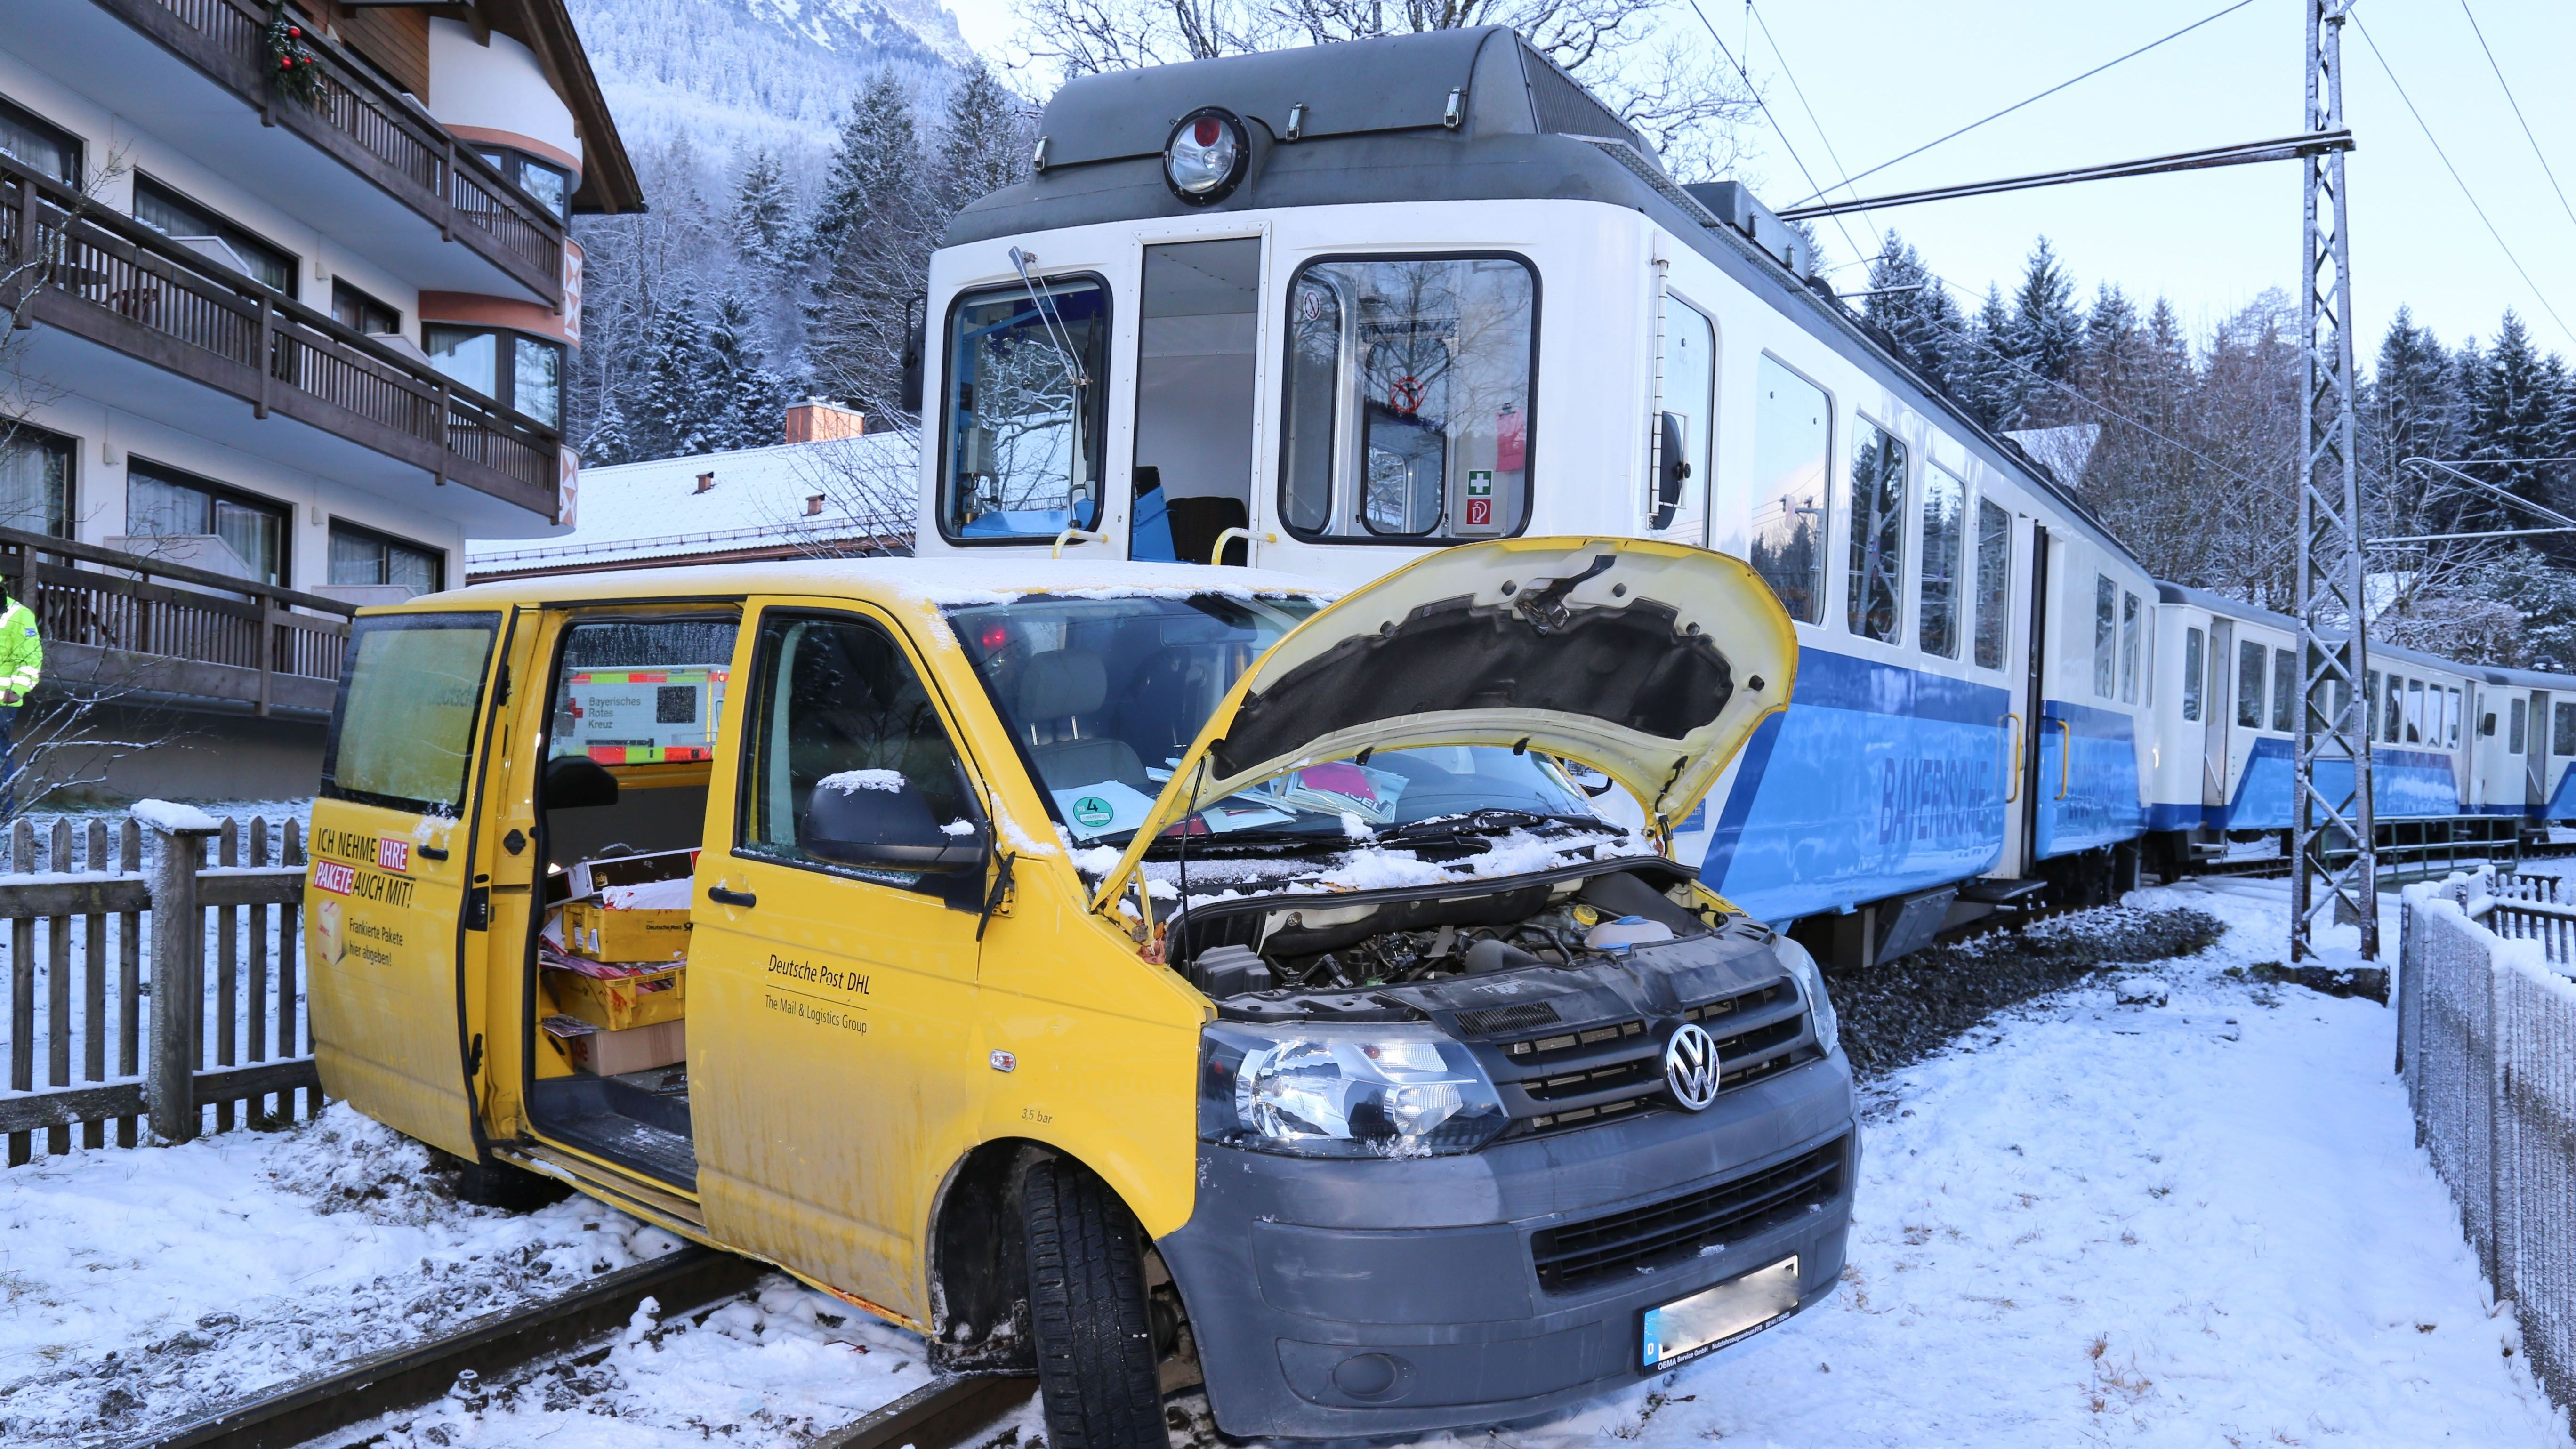 Bei dem Zusammenstoß der Bayerischen Zugspitzbahn mit einem Lieferwagen wurde der Fahrer des Lieferwagens schwer verletzt.